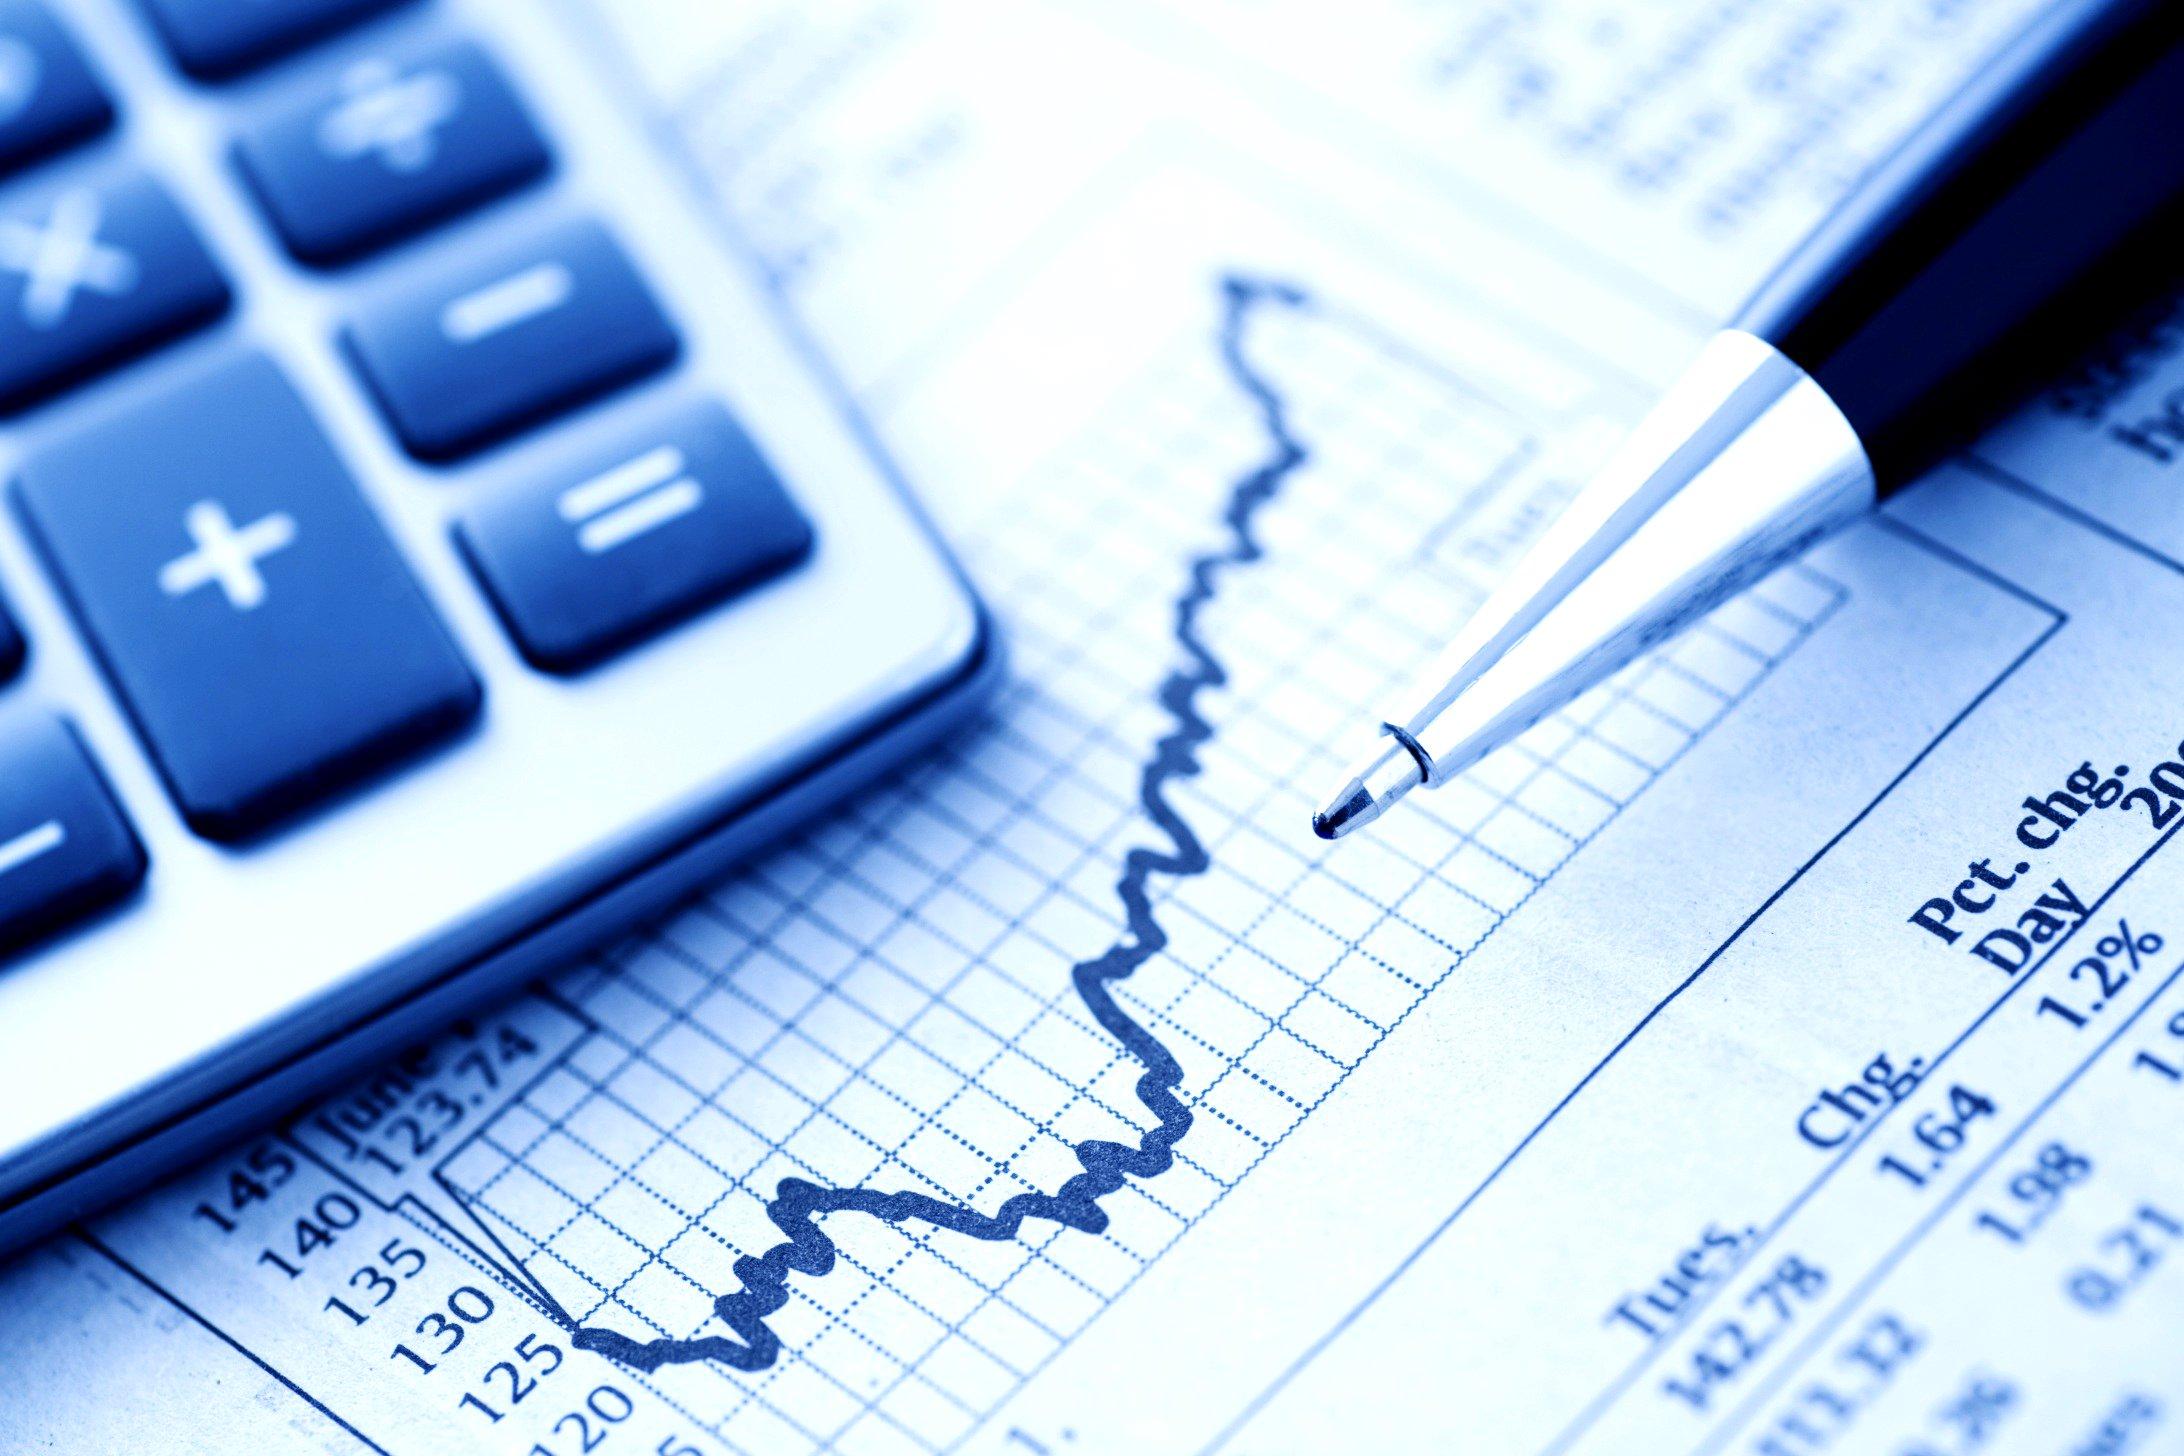 mercado_financeiro_-_reproducao